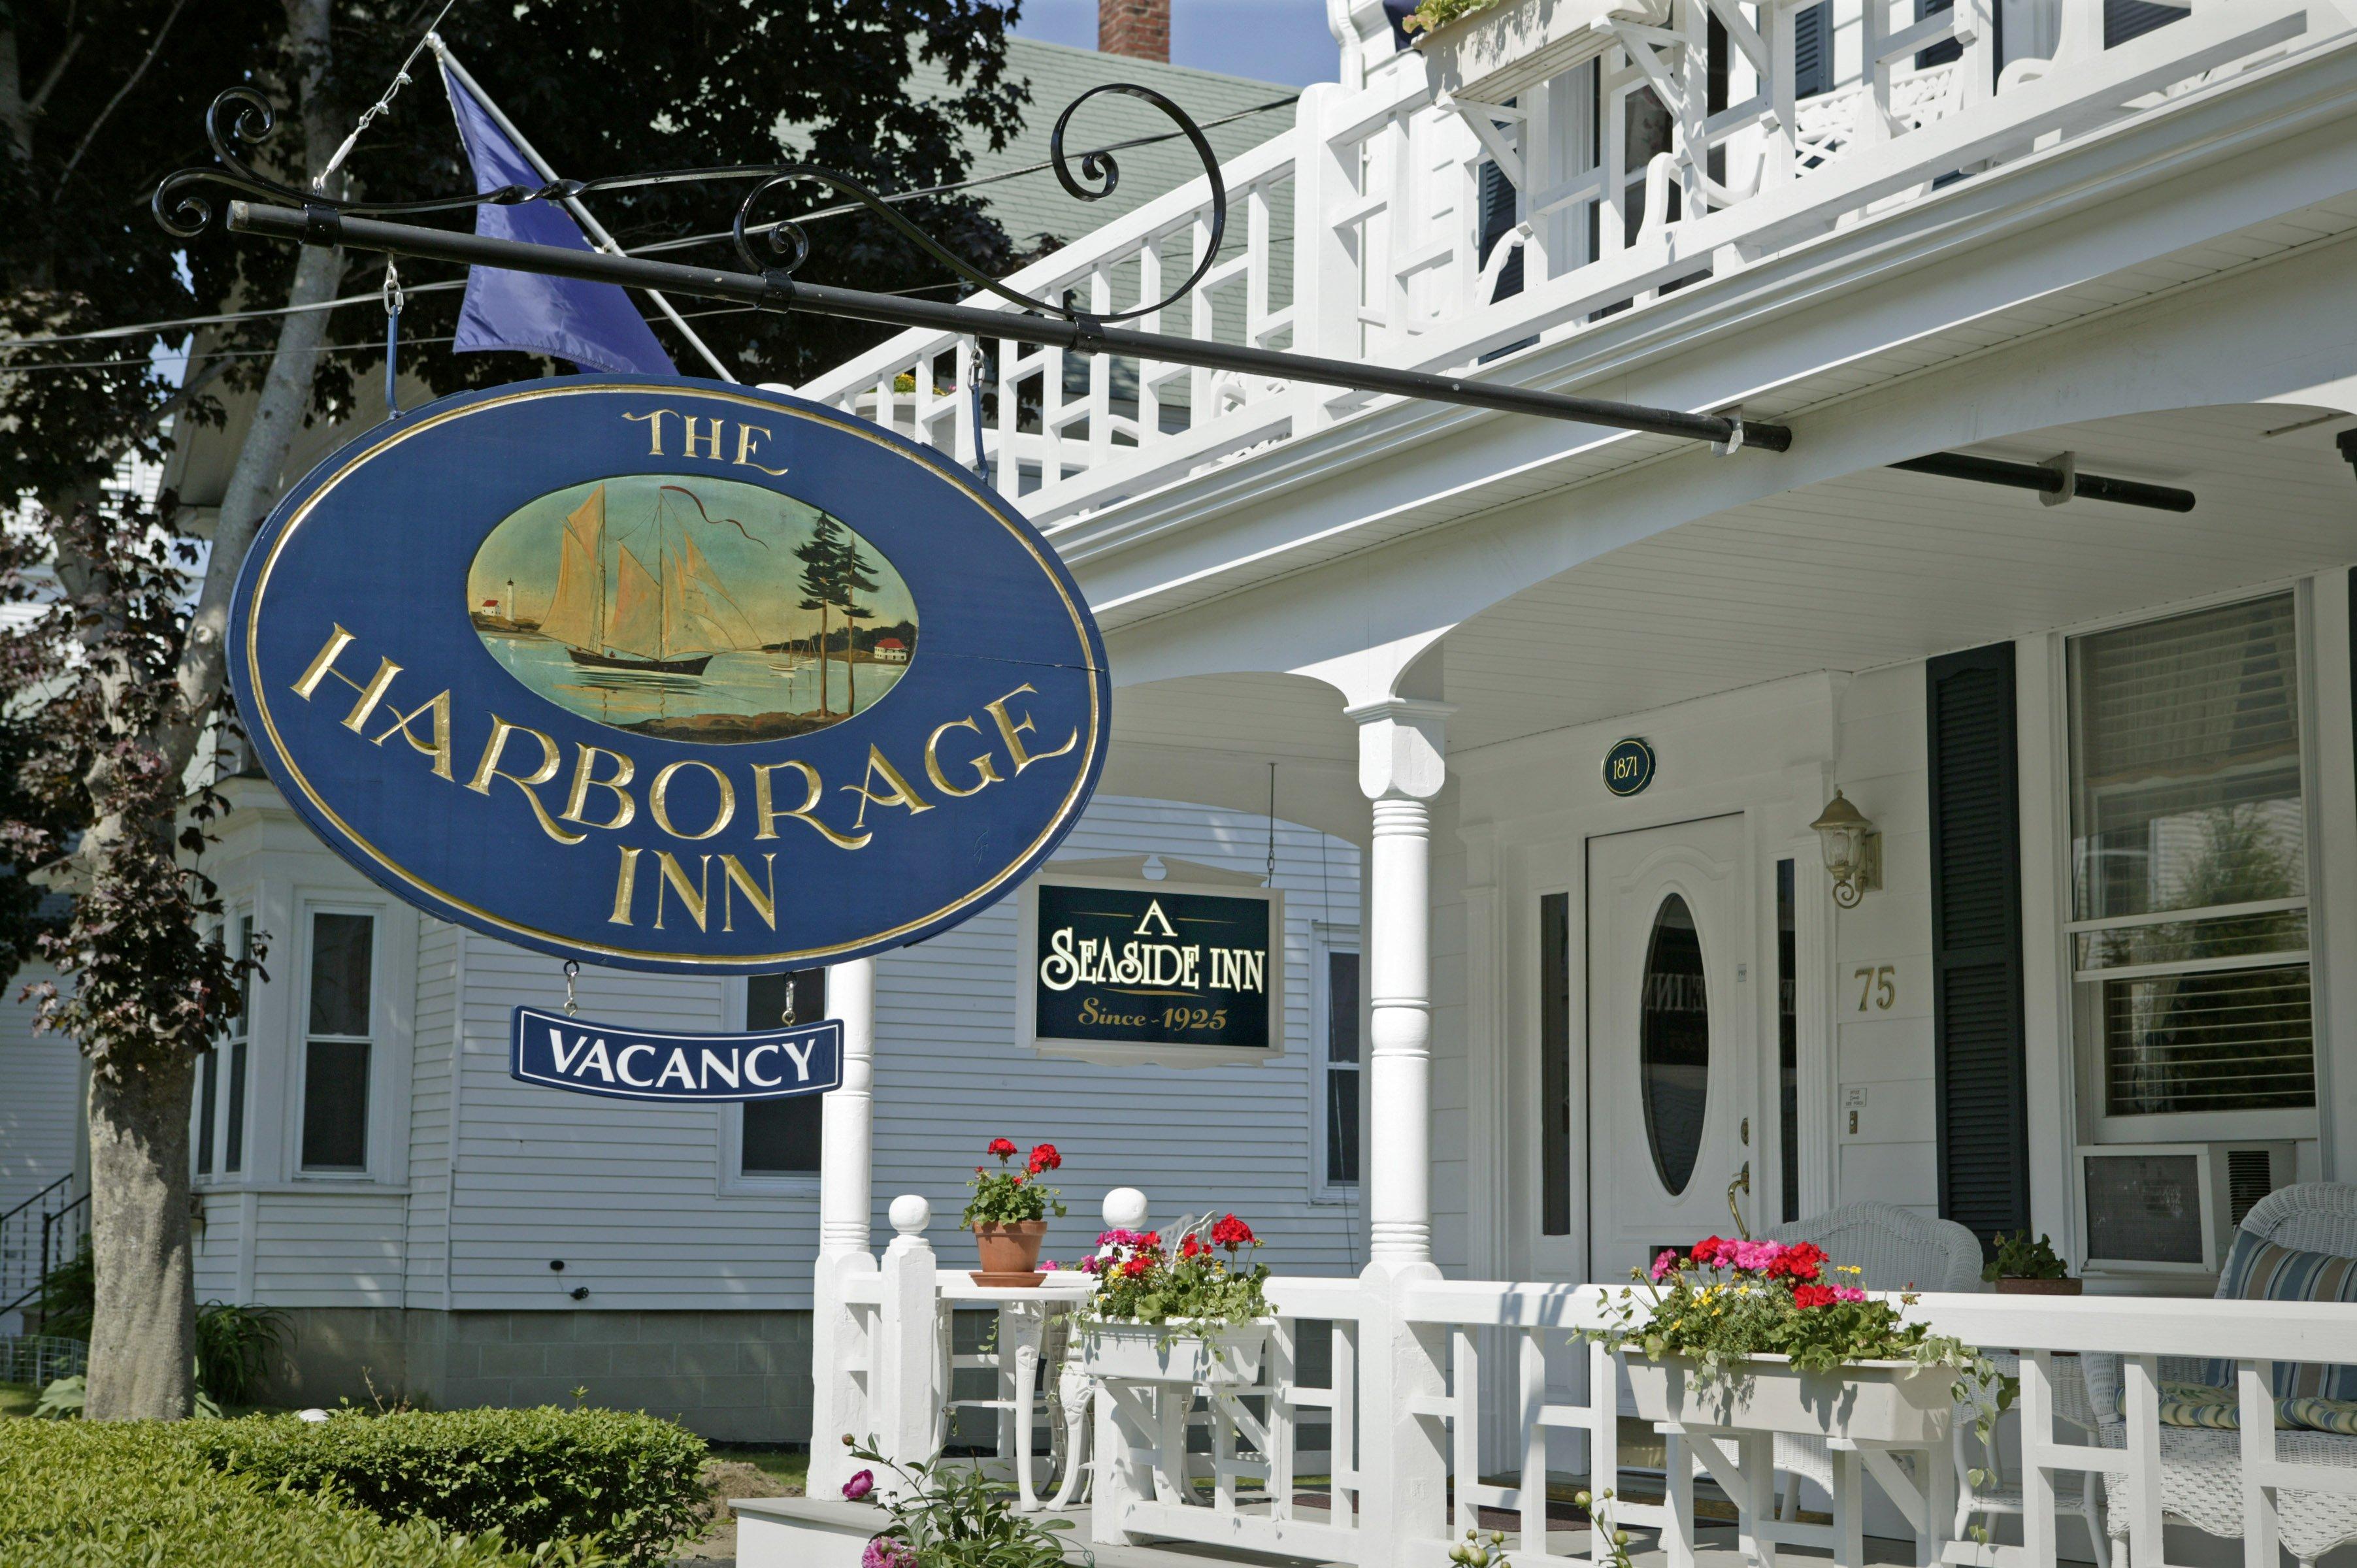 A Seaside Inn Since 1925